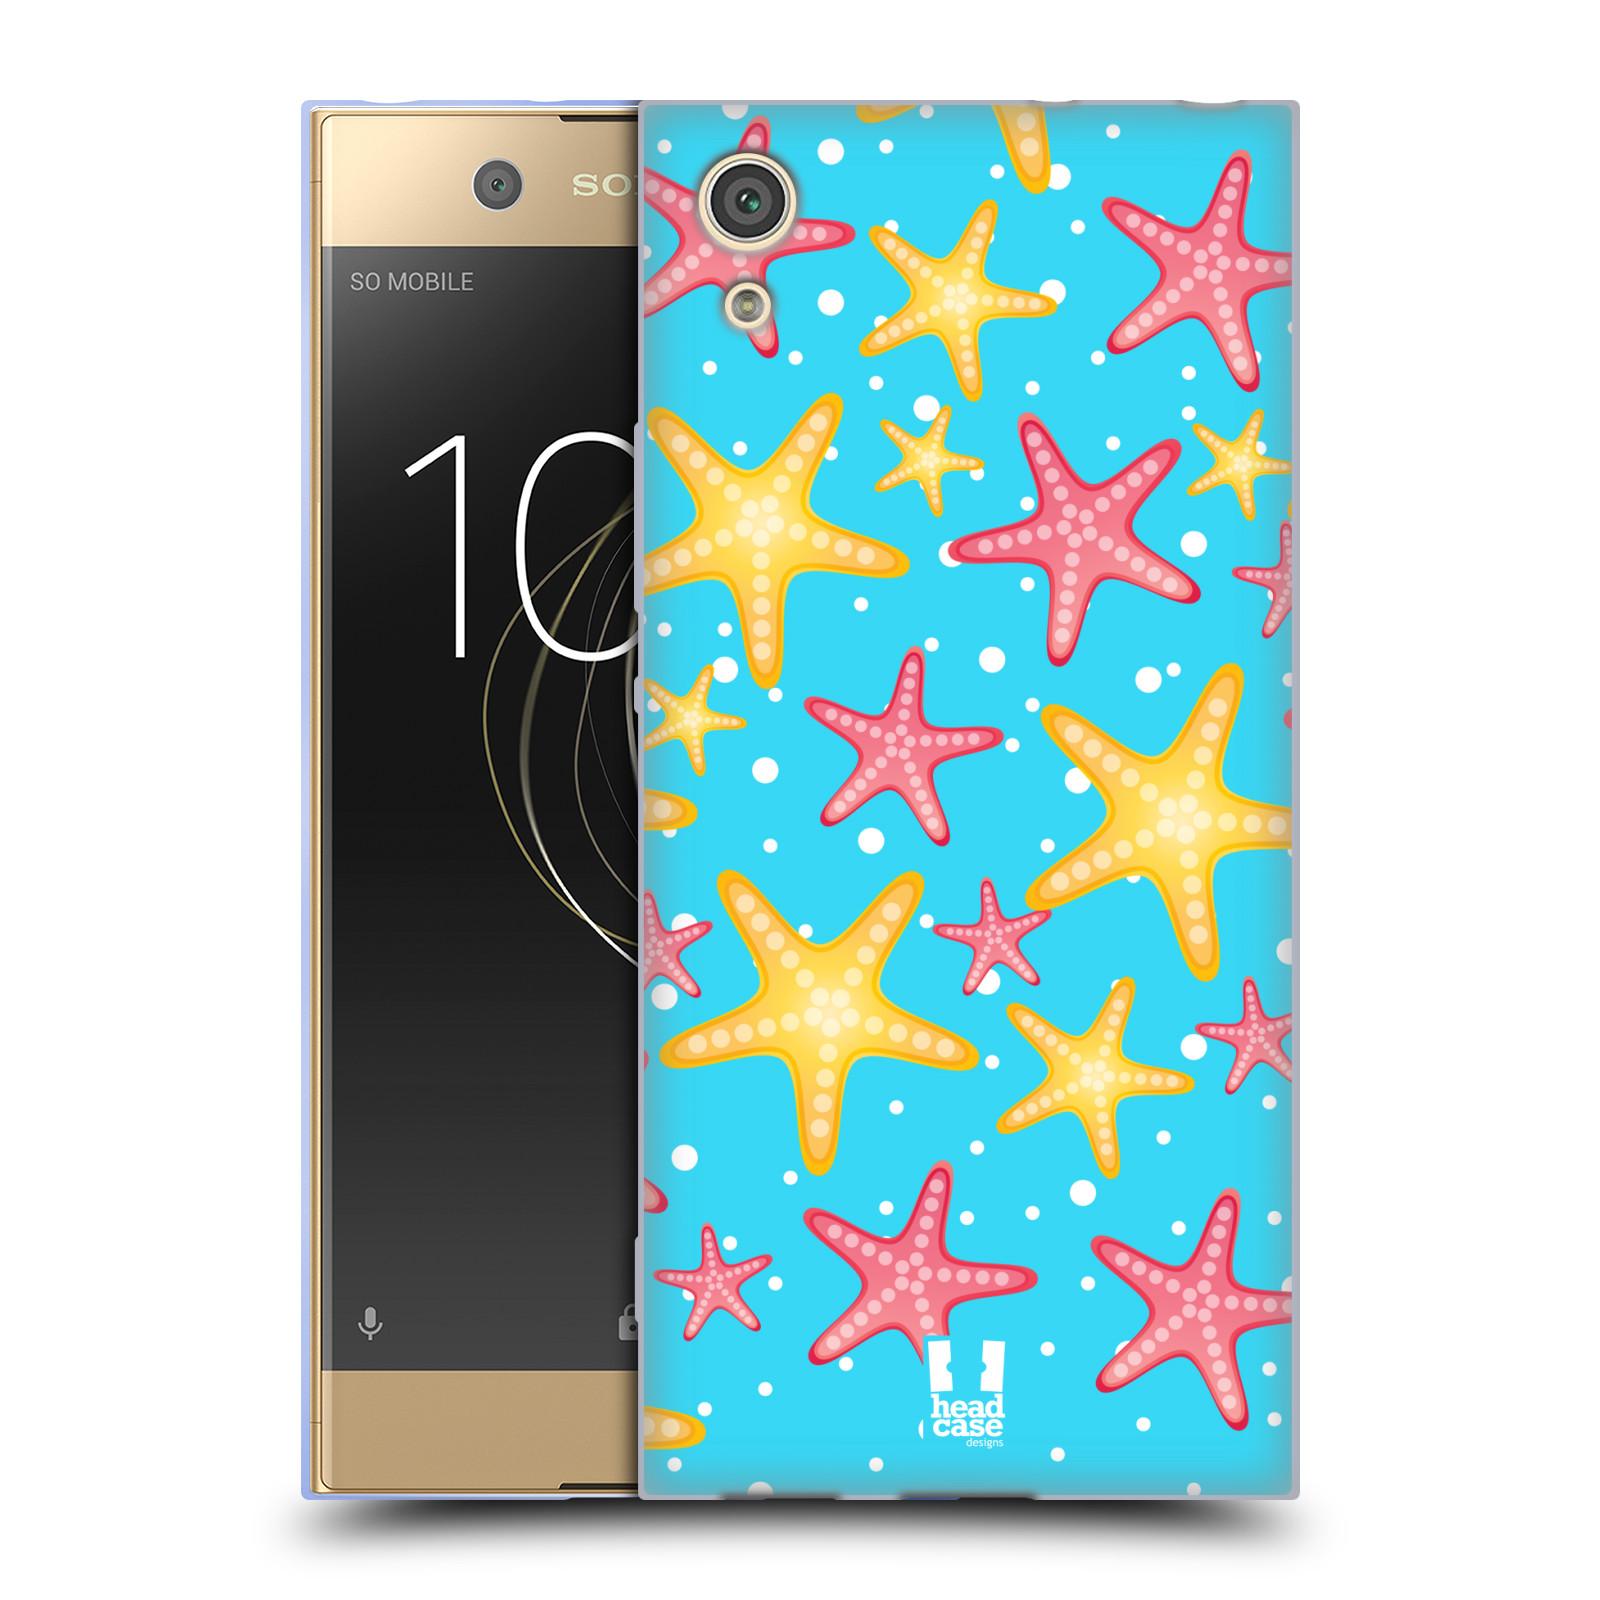 HEAD CASE silikonový obal na mobil Sony Xperia XA1 / XA1 DUAL SIM vzor mořský živočich hvězda